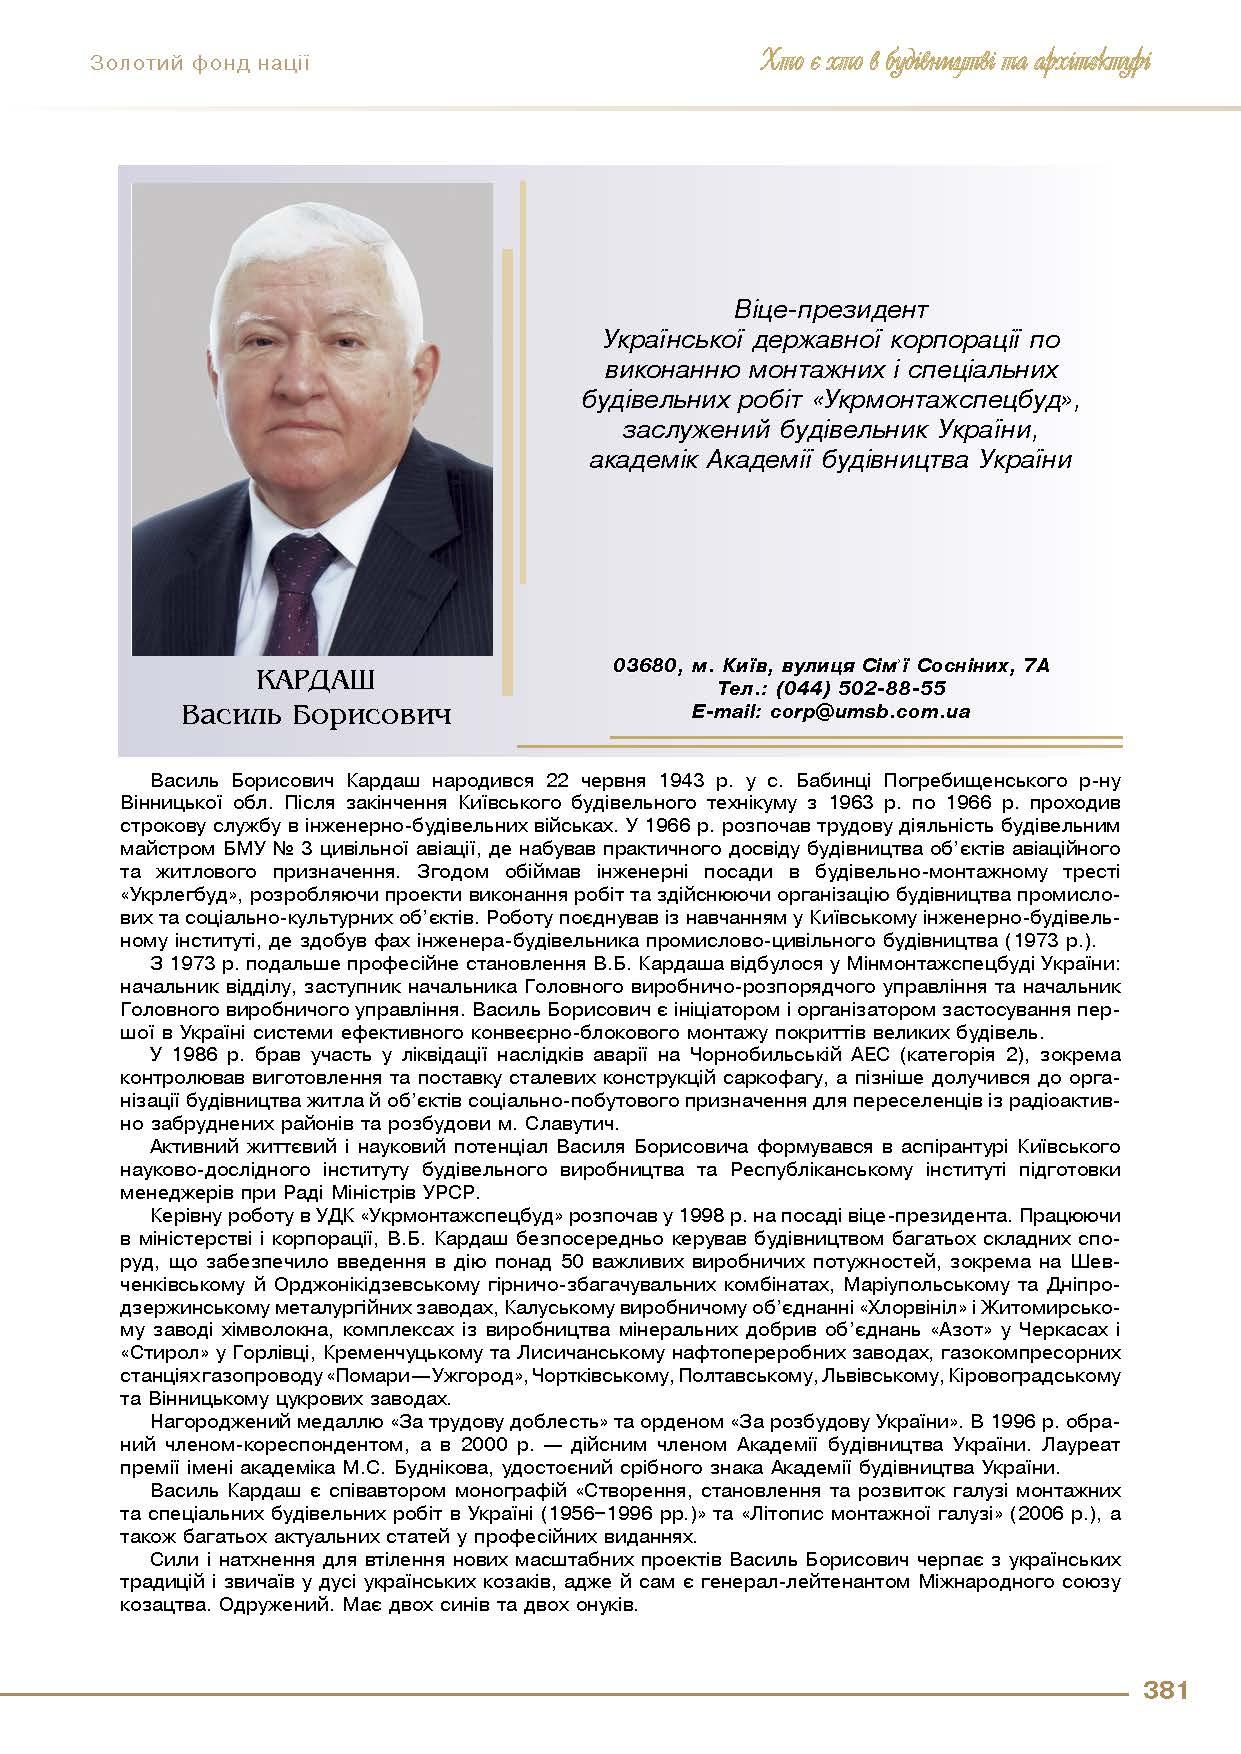 Кардаш Василь Борисович